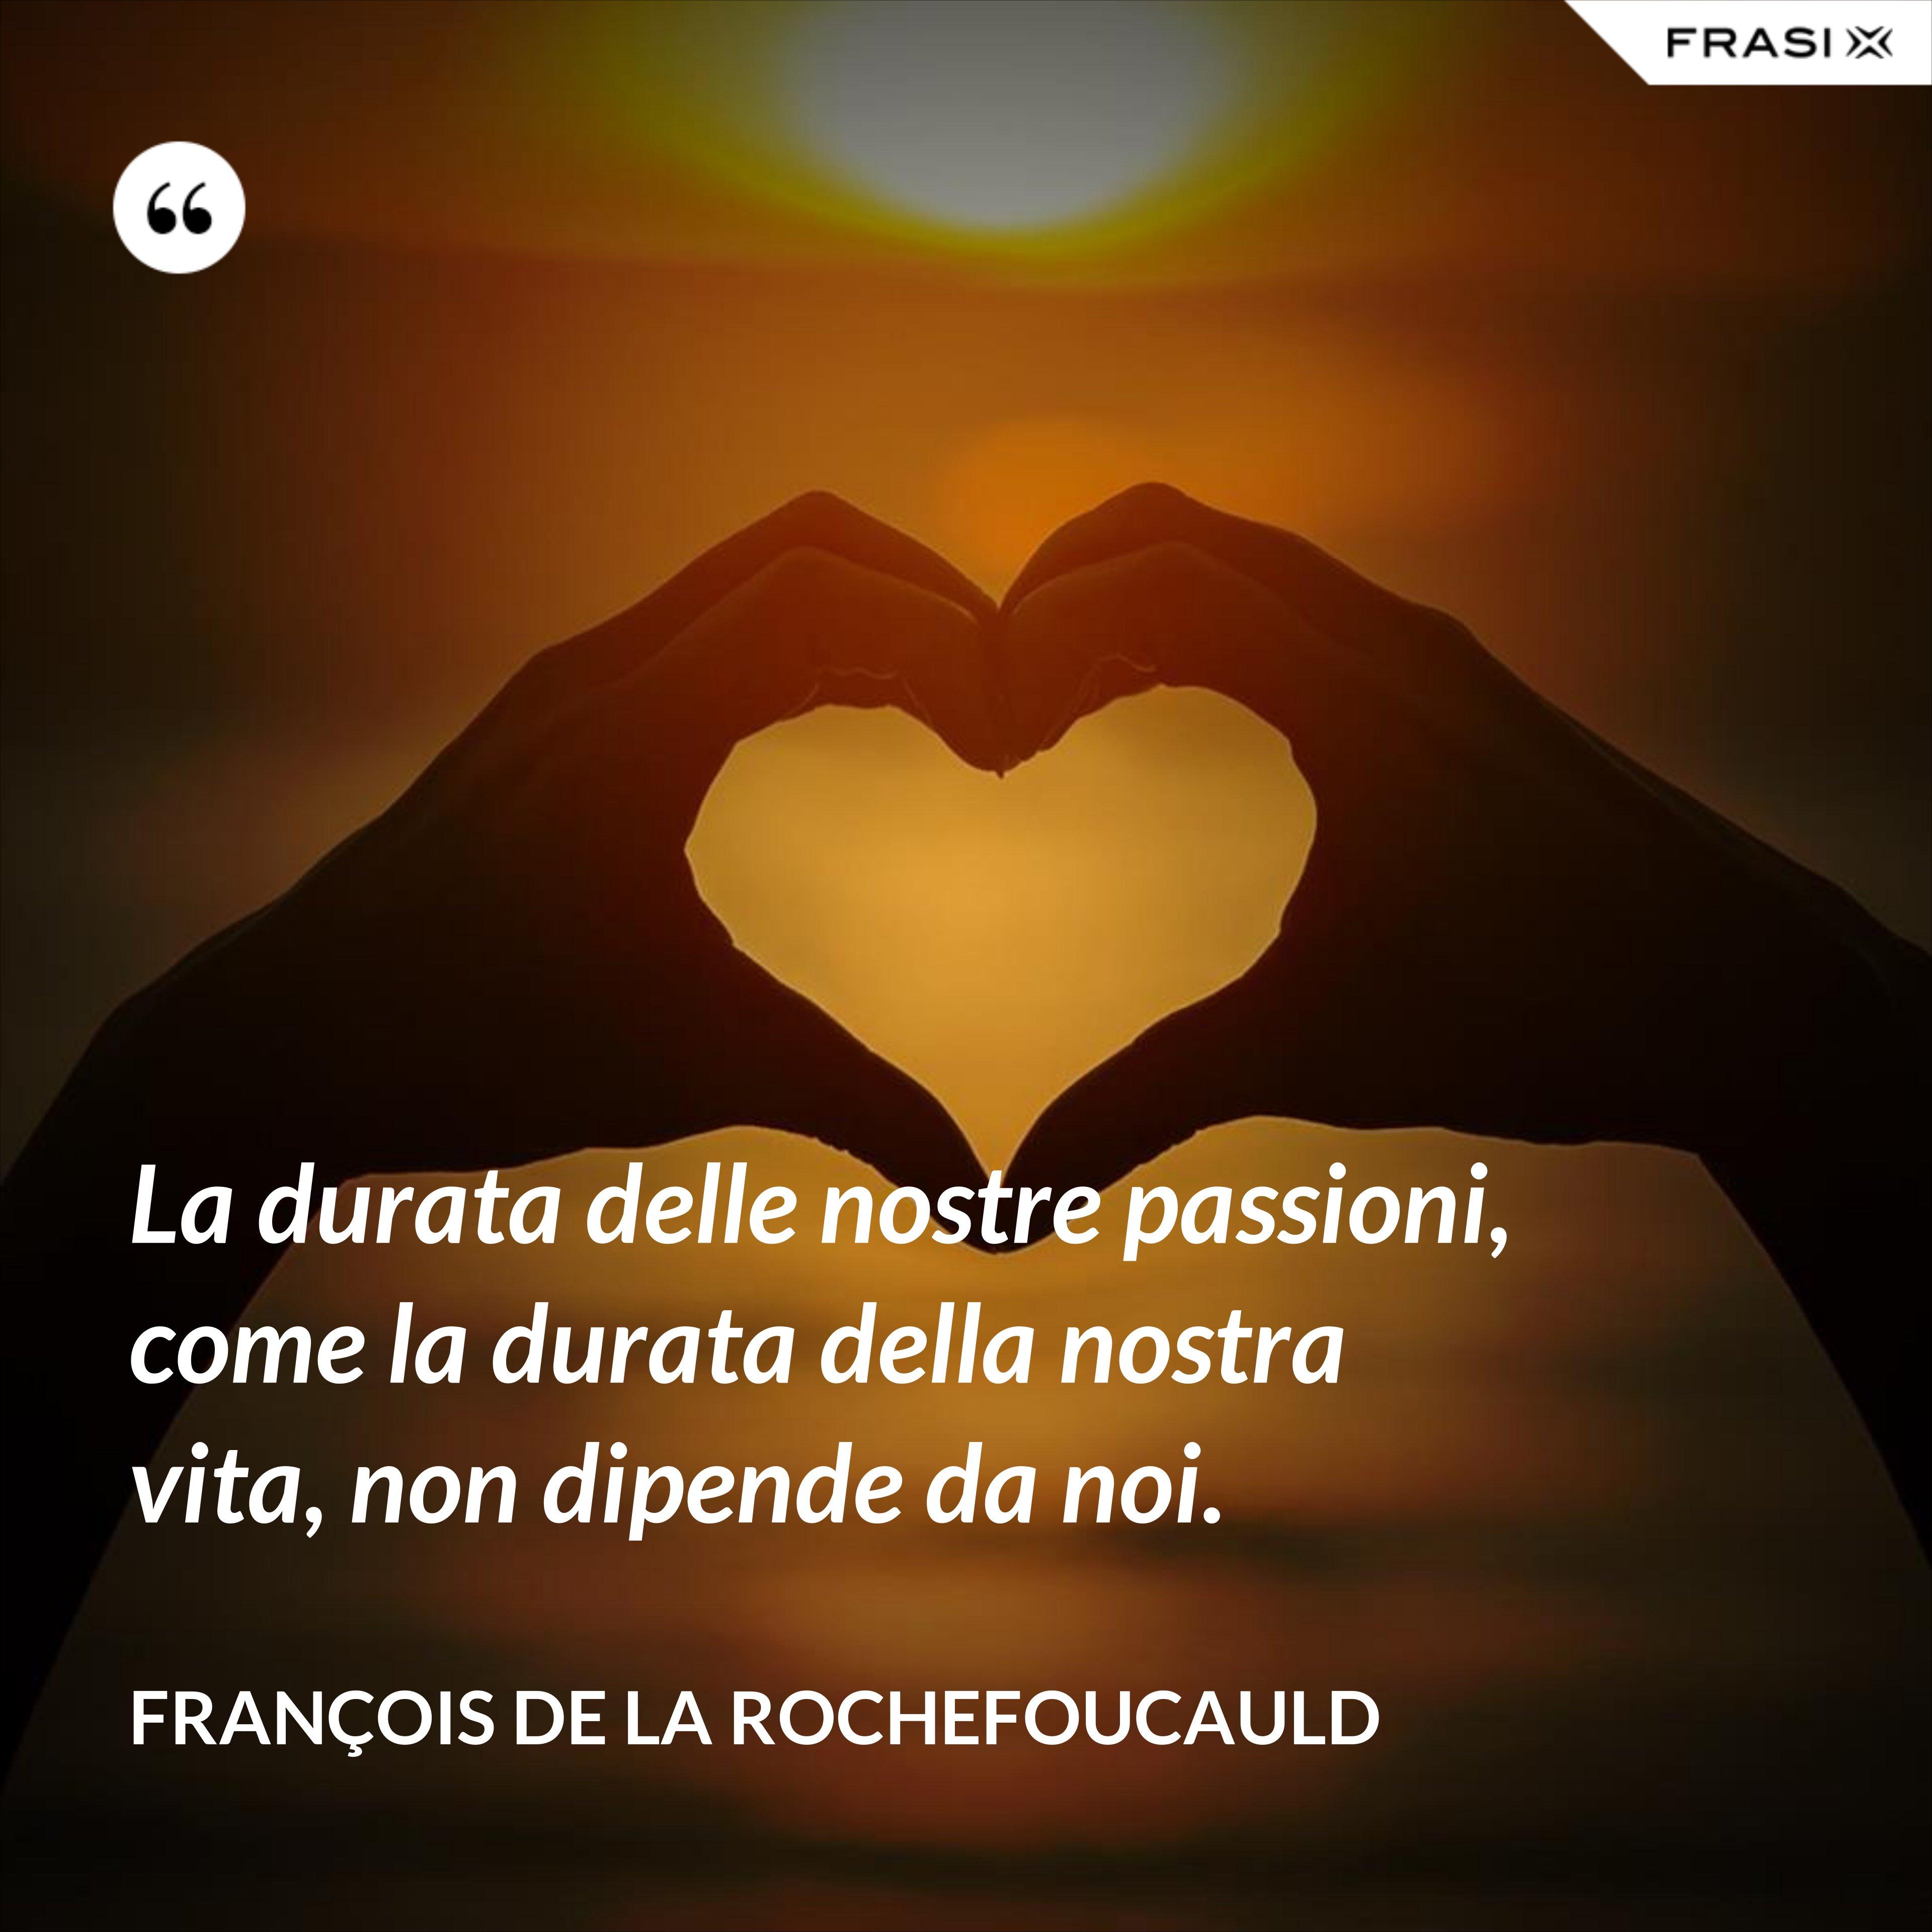 La durata delle nostre passioni, come la durata della nostra vita, non dipende da noi. - François de La Rochefoucauld